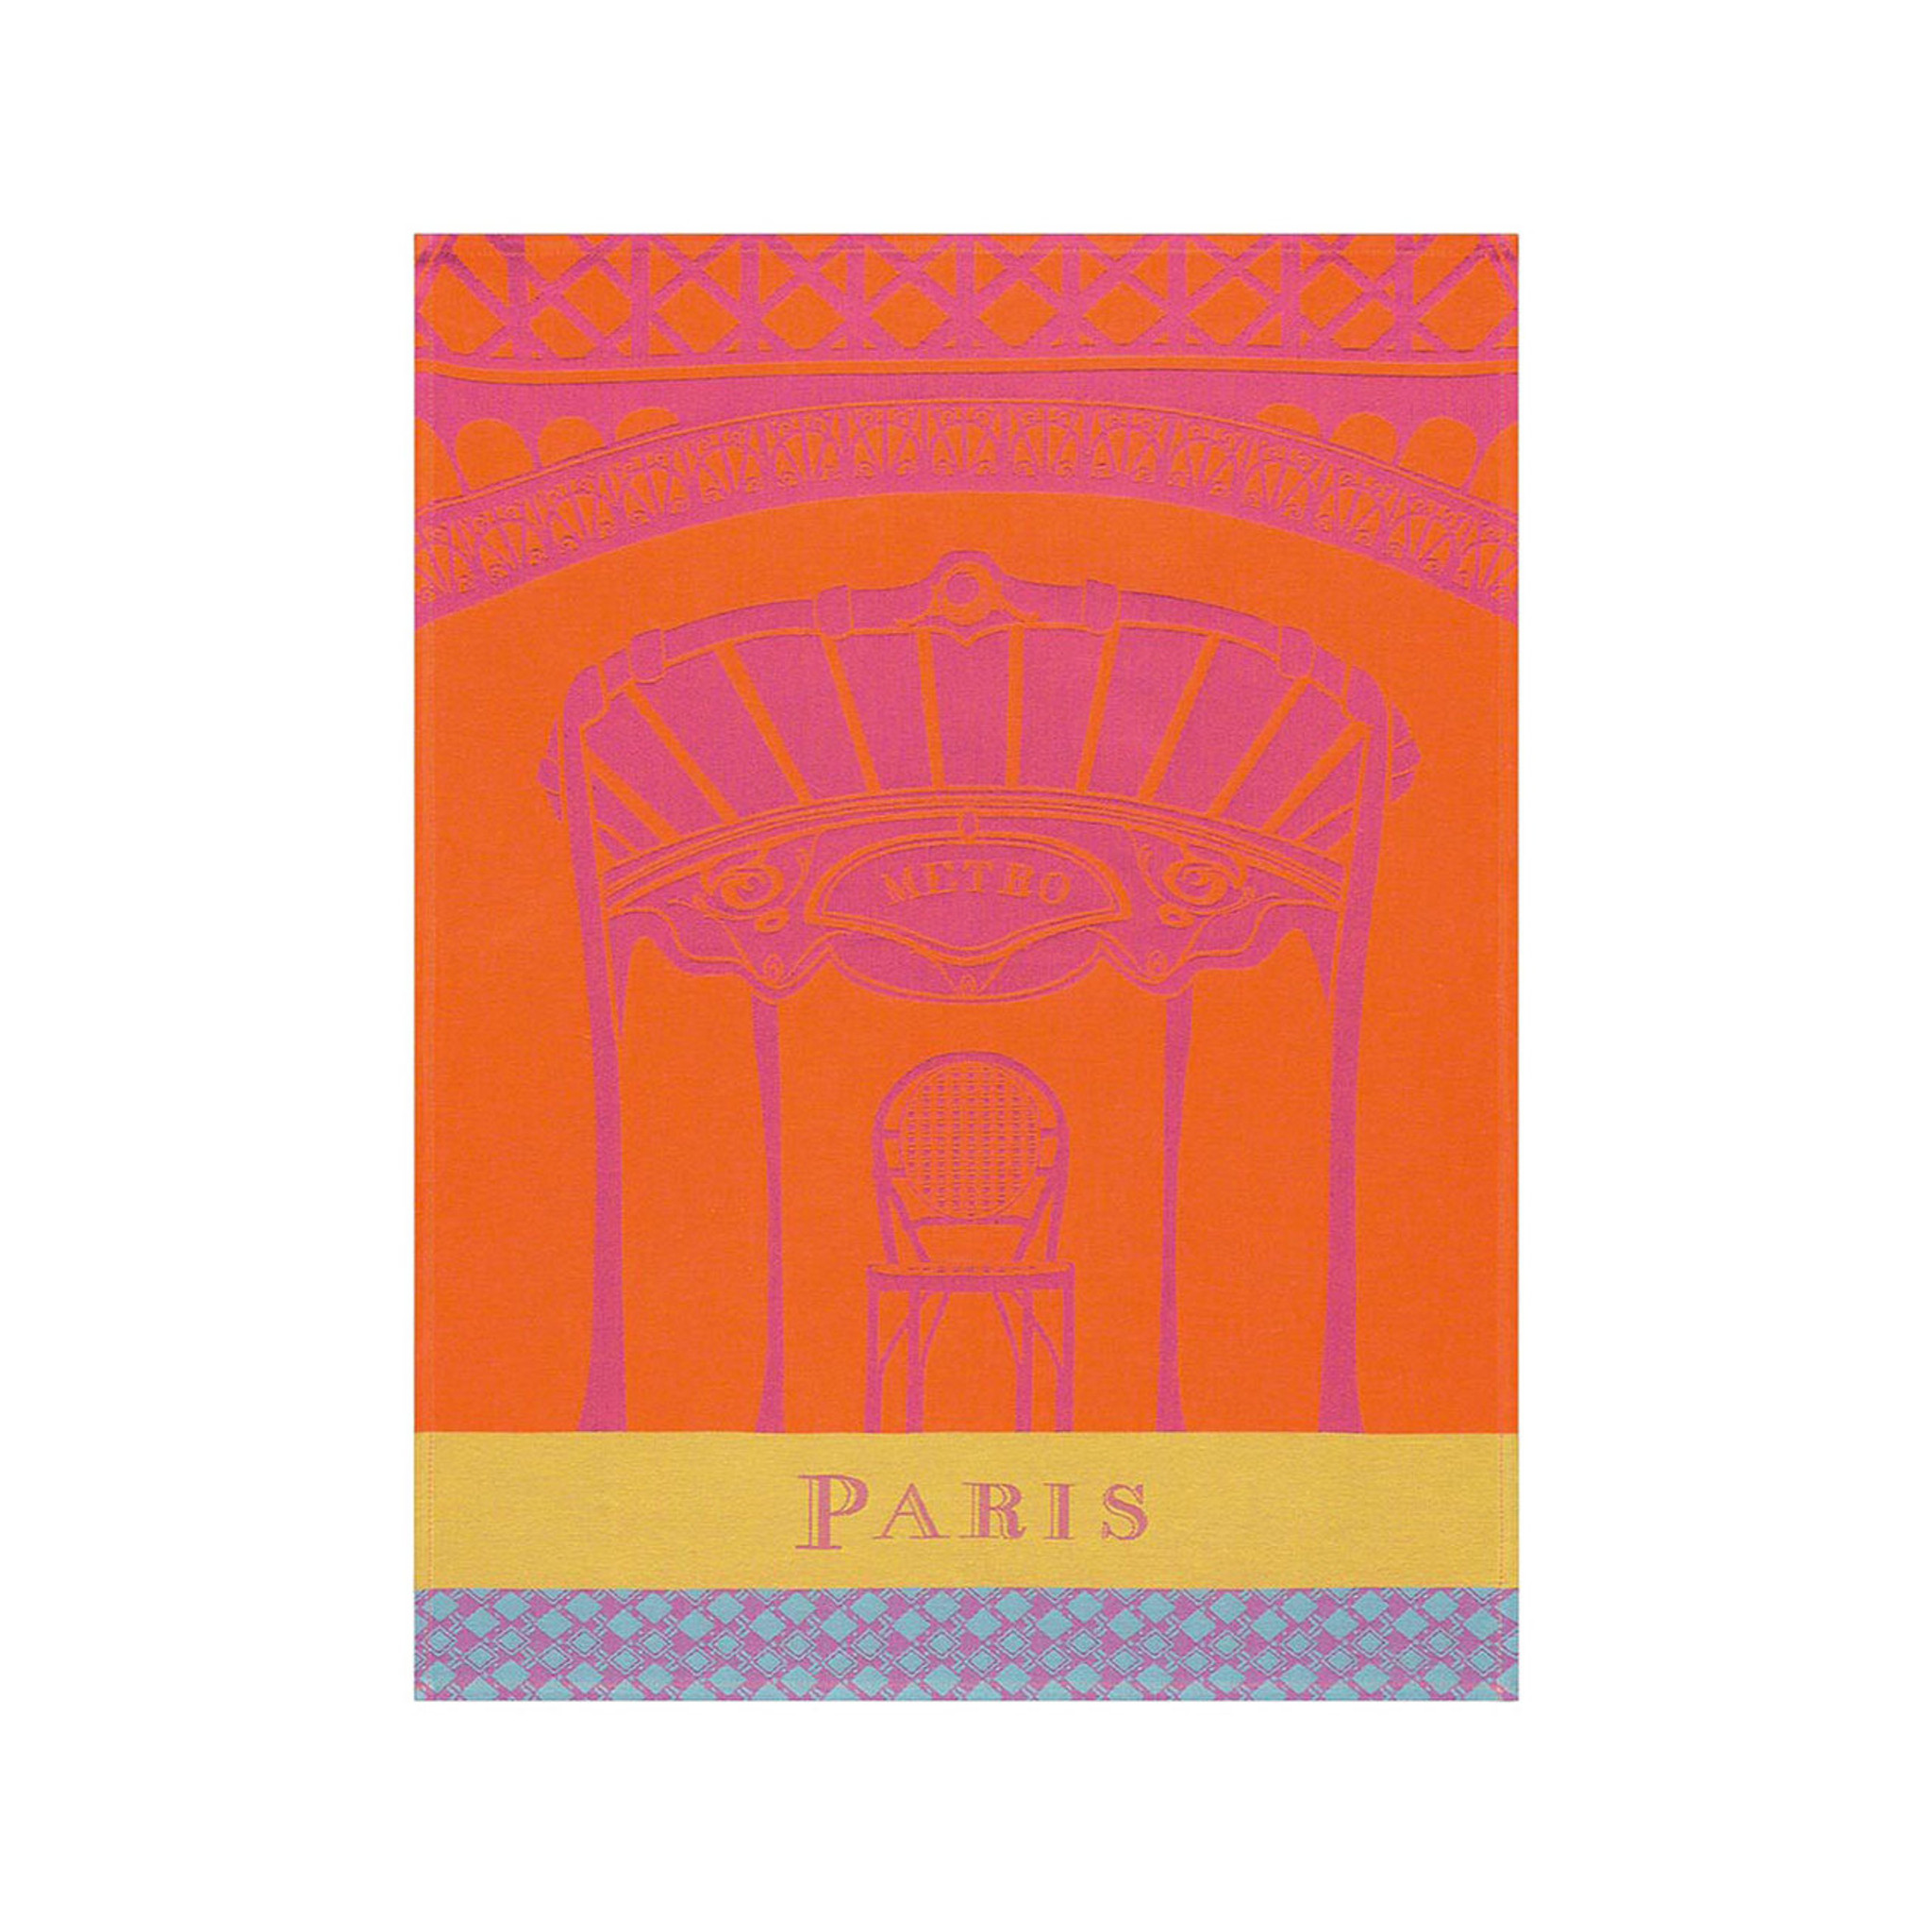 Le jacquard francais paris paris copper tea towel 24 x 31 homebello - Jacquard francais paris ...